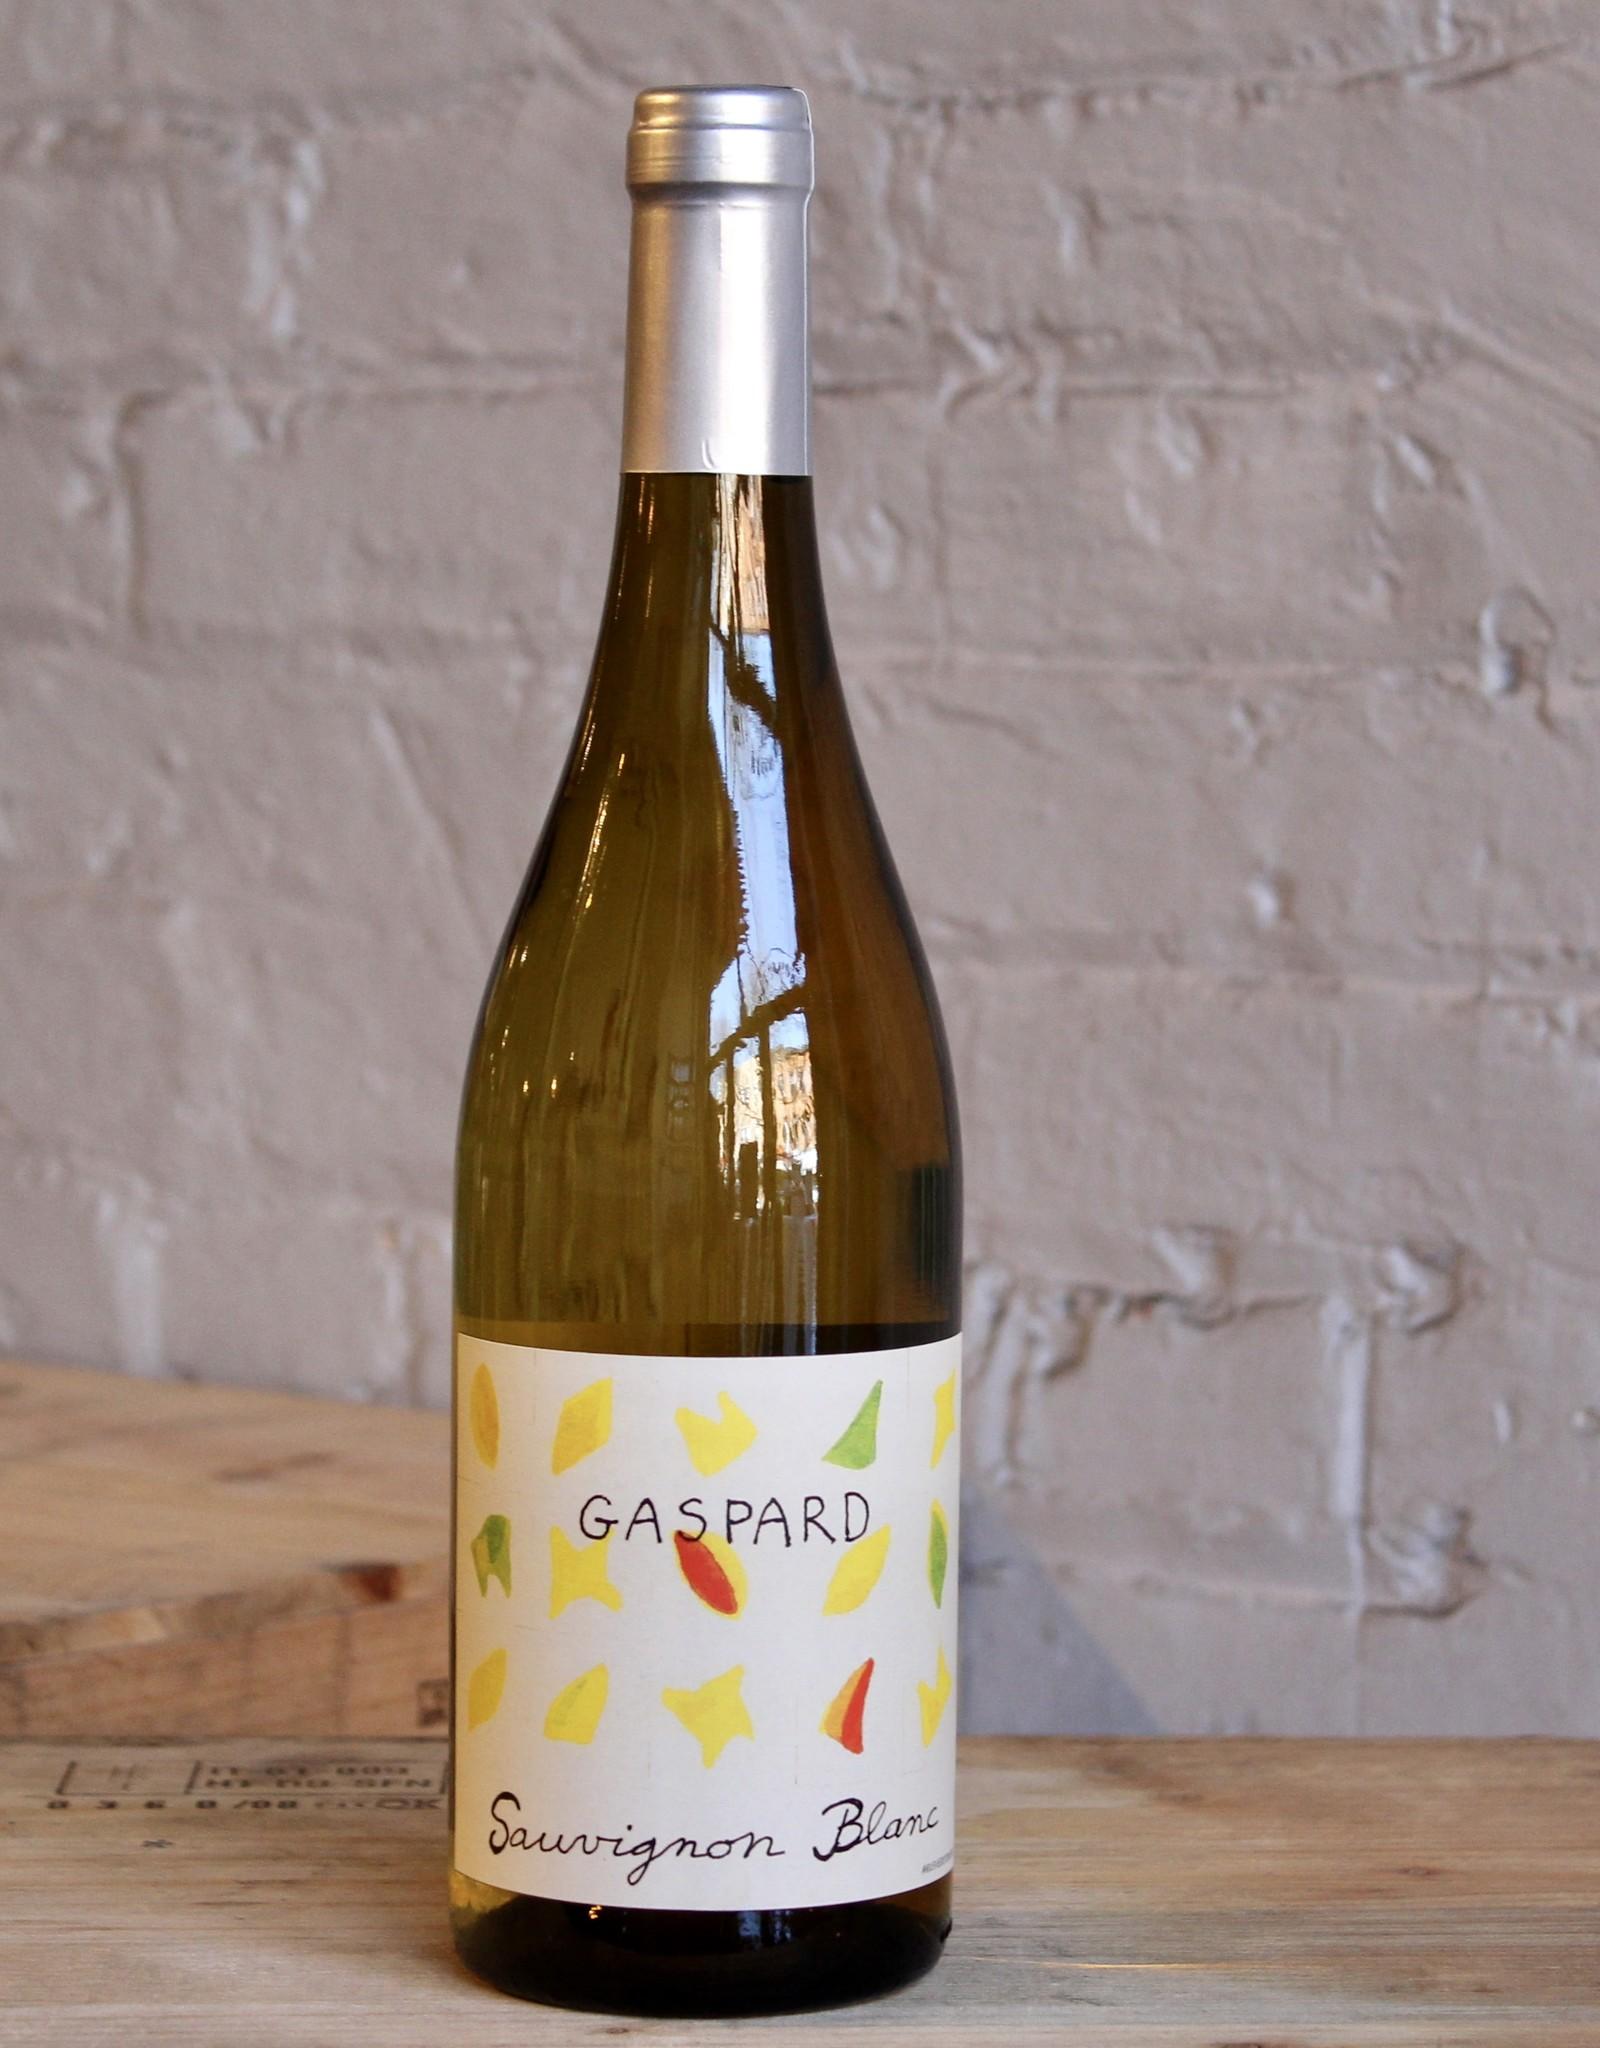 Wine 2019 Gaspard Sauvignon Blanc - Loire Valley, France (750ml)